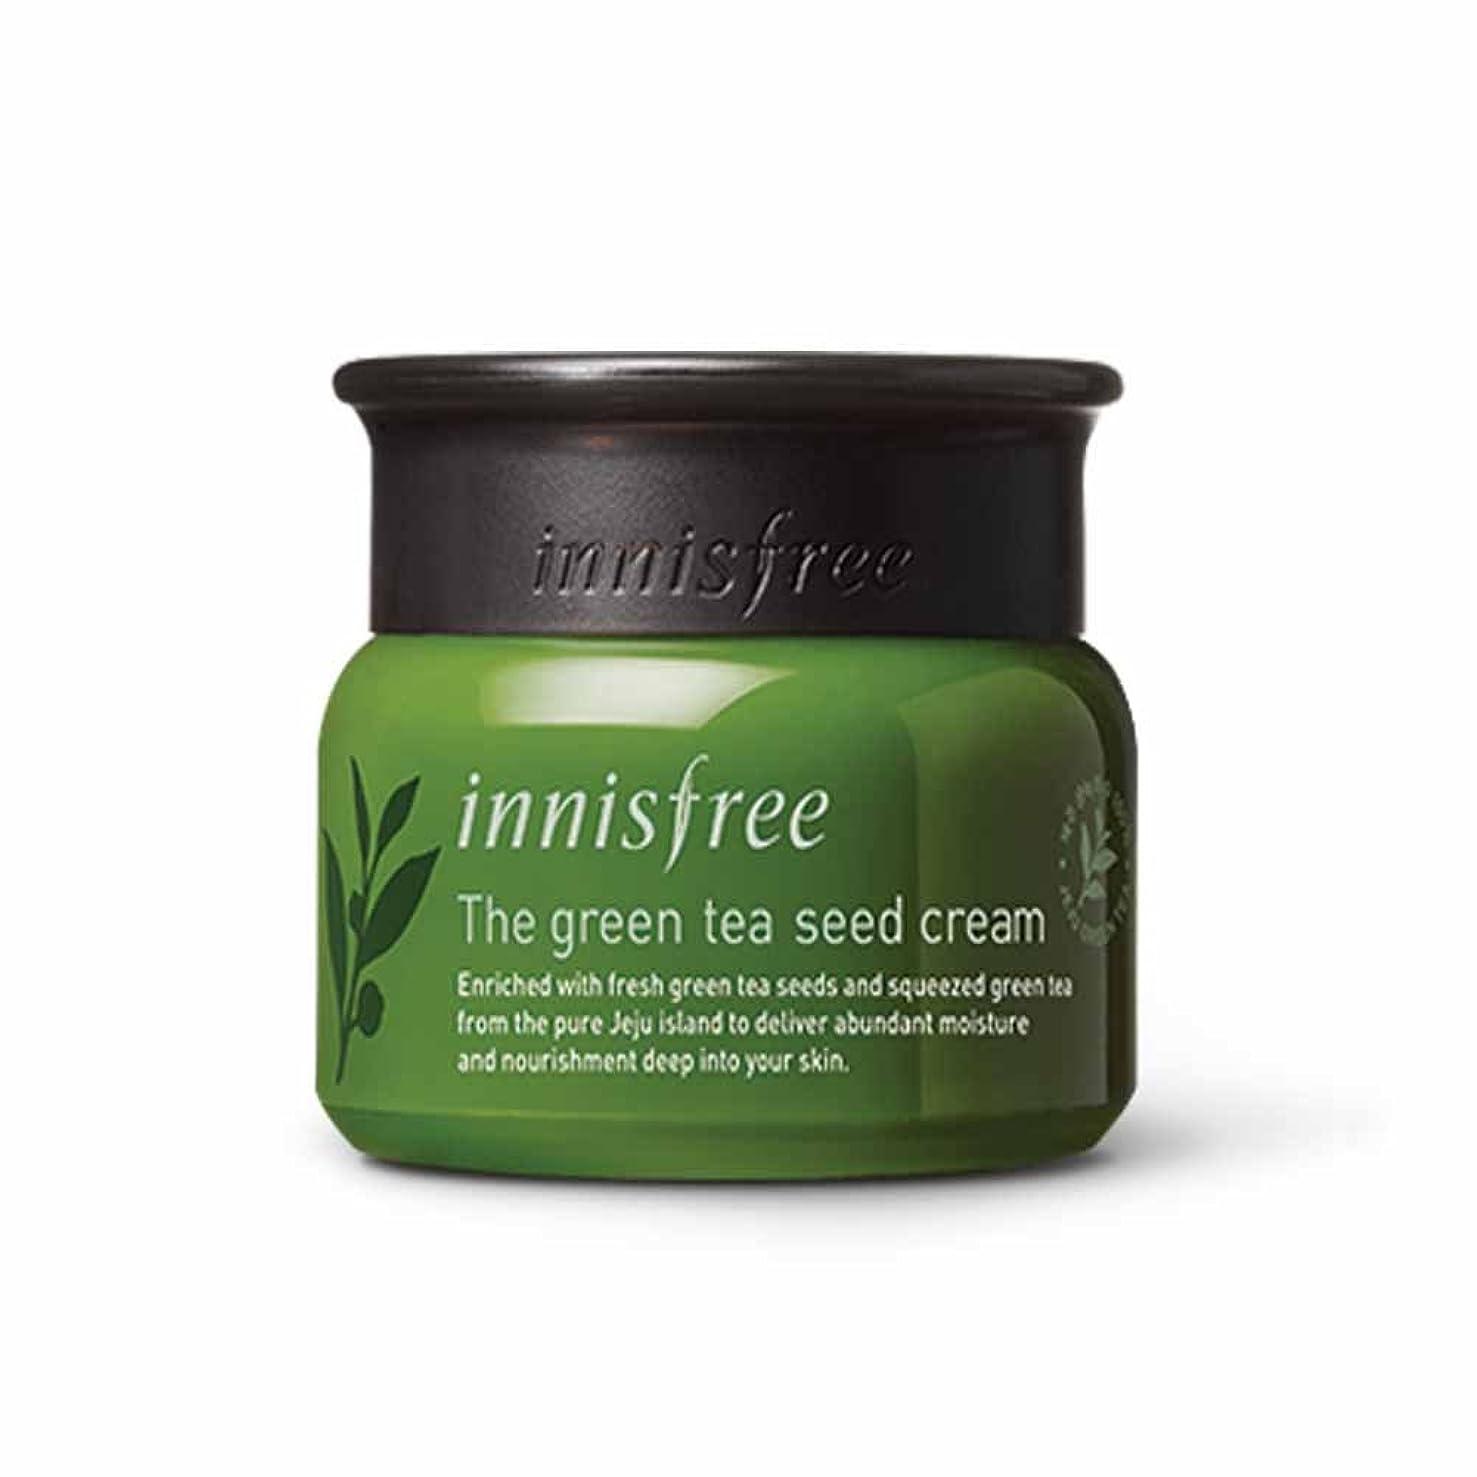 融合吐き出すマトロンイニスフリーグリーンティーシードクリーム50ml Innisfree The Green Tea Seed Cream 50ml[海外直送品][並行輸入品]